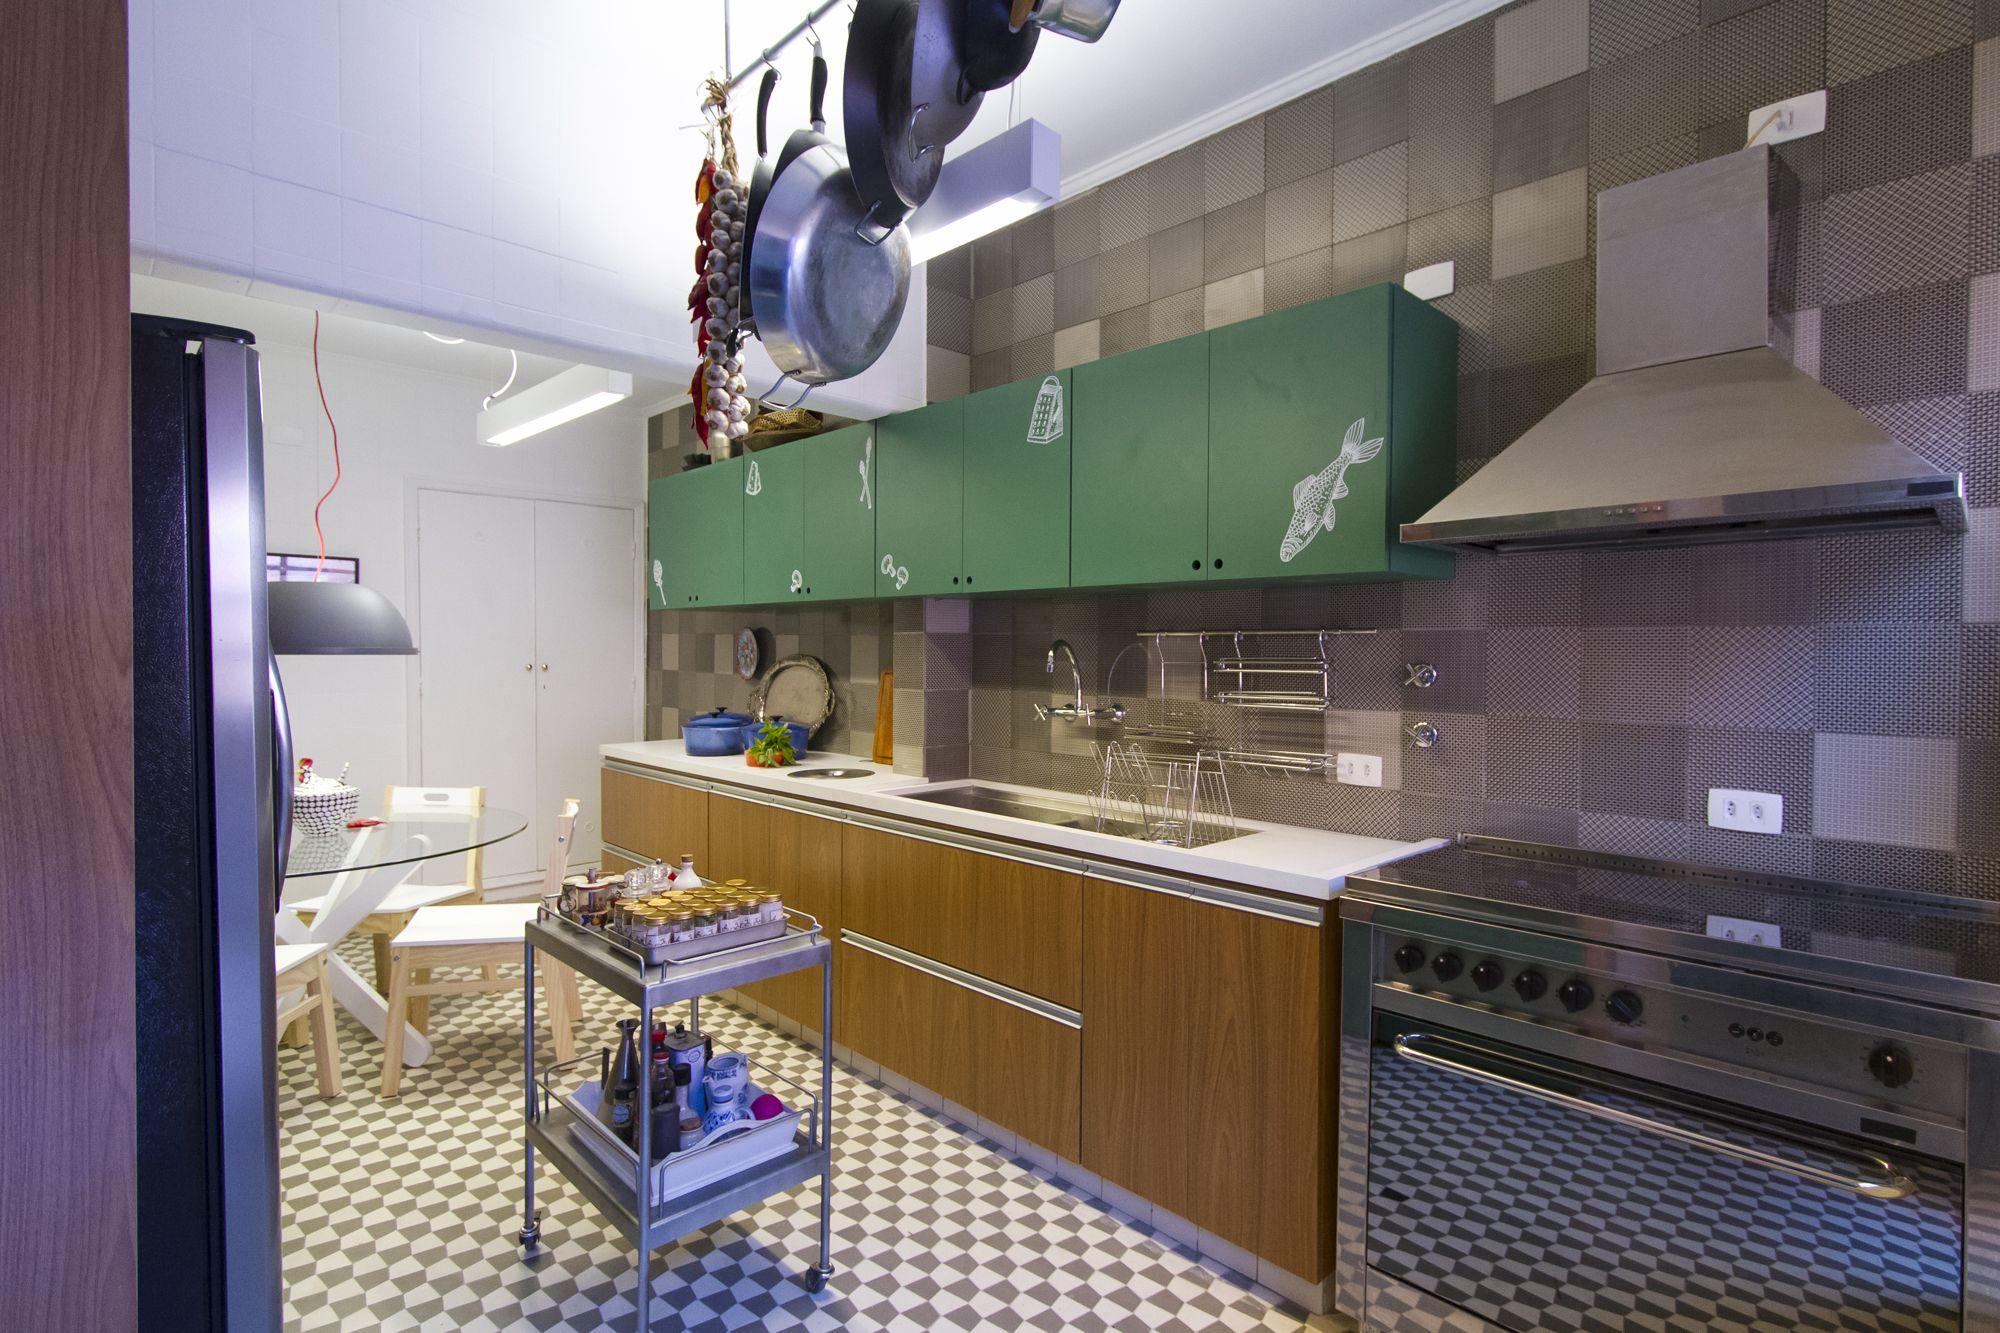 decora rosenbaum temporada 2 cozinha parede com composição de